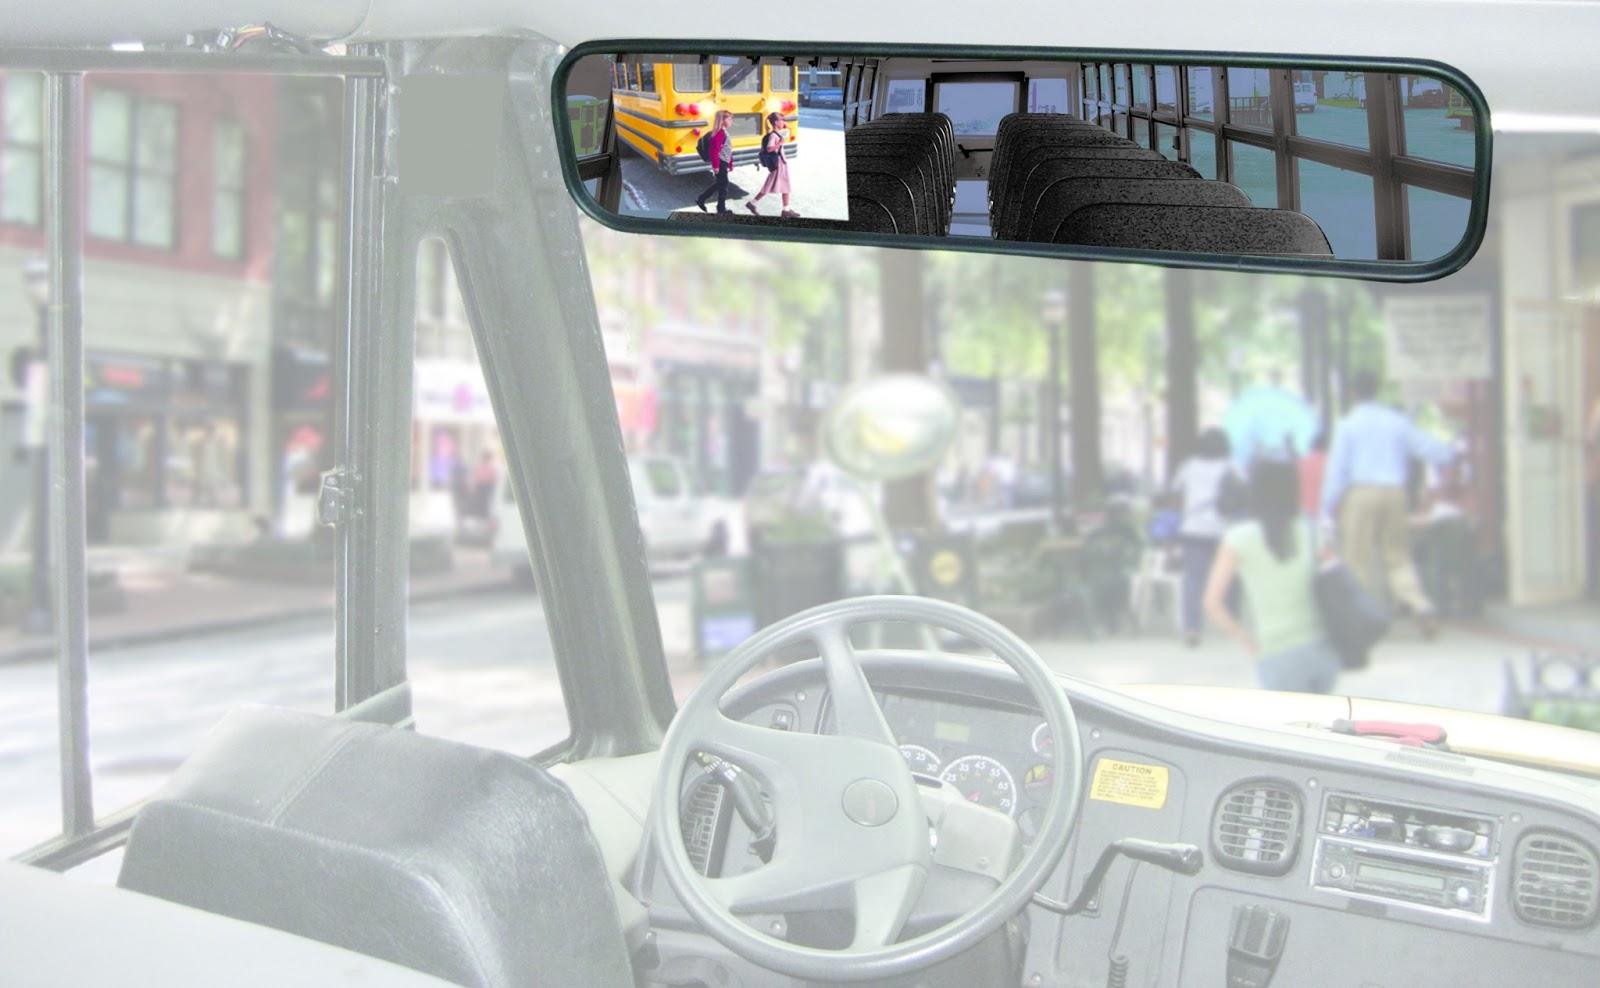 Smart Vision Rear View Mirror Monitor Backup Camera System